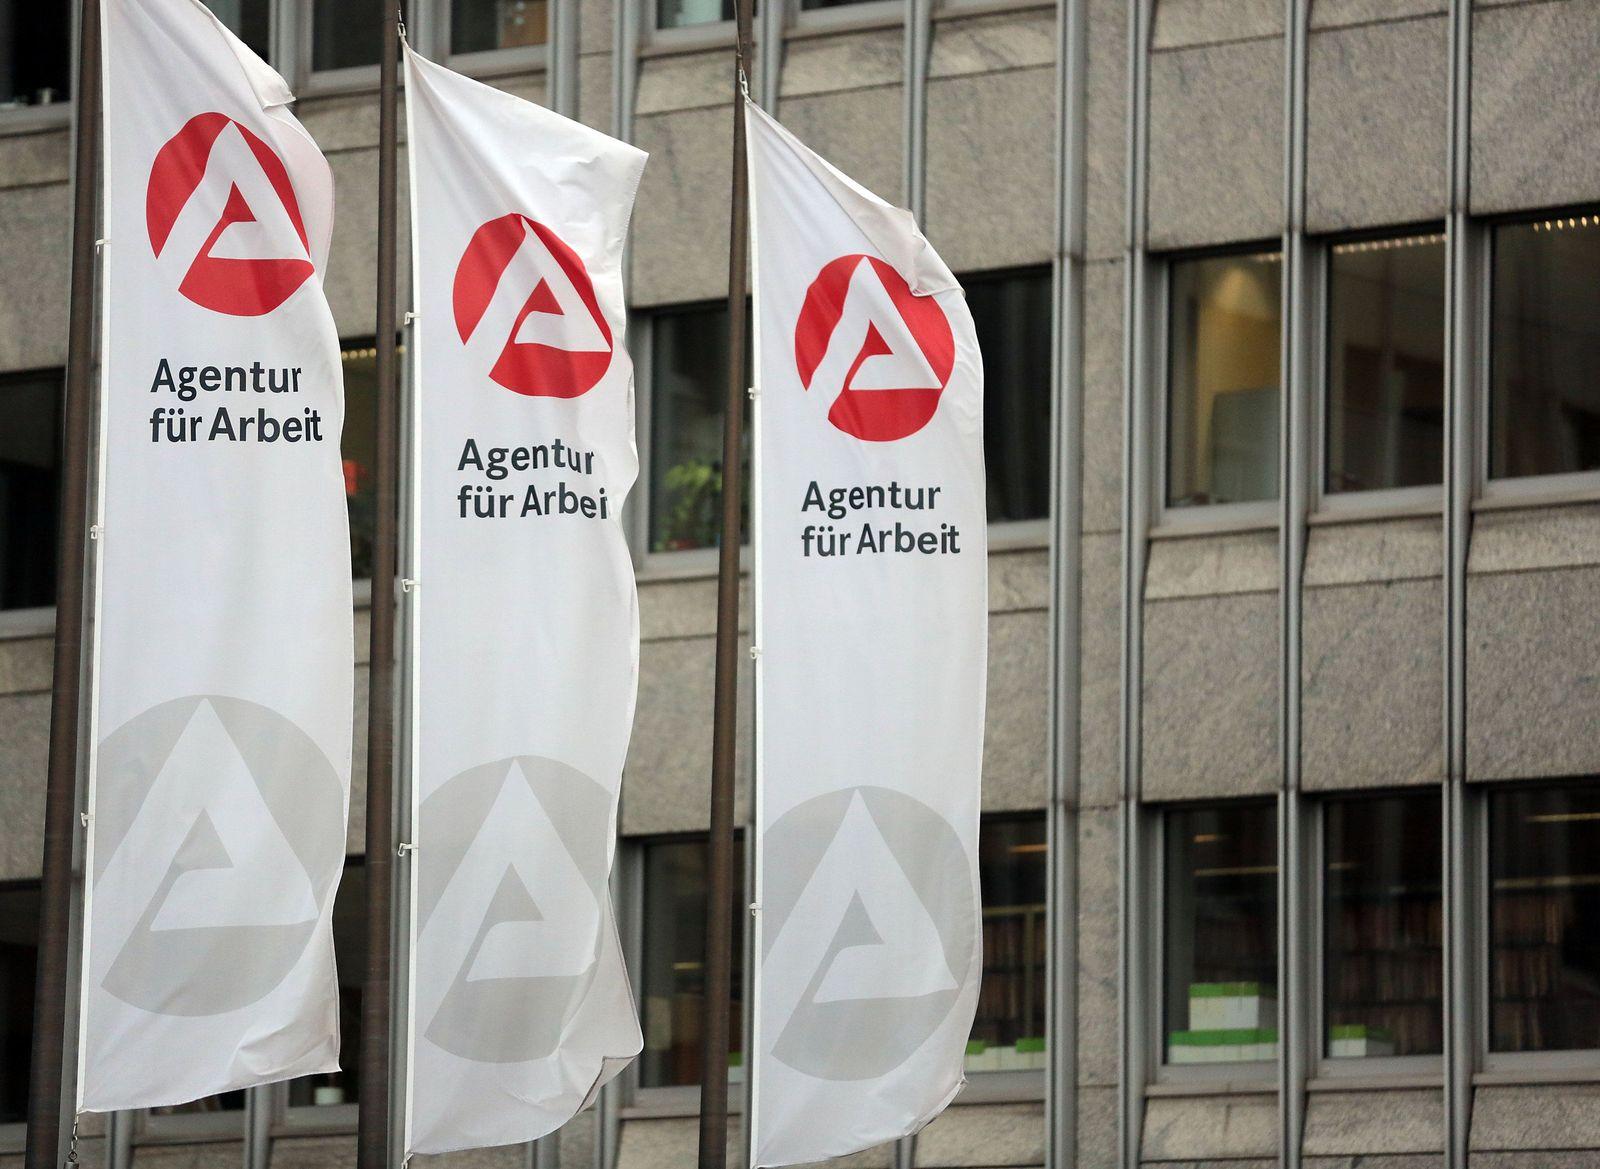 Agentur für Arbeit / Arbeitsagentur